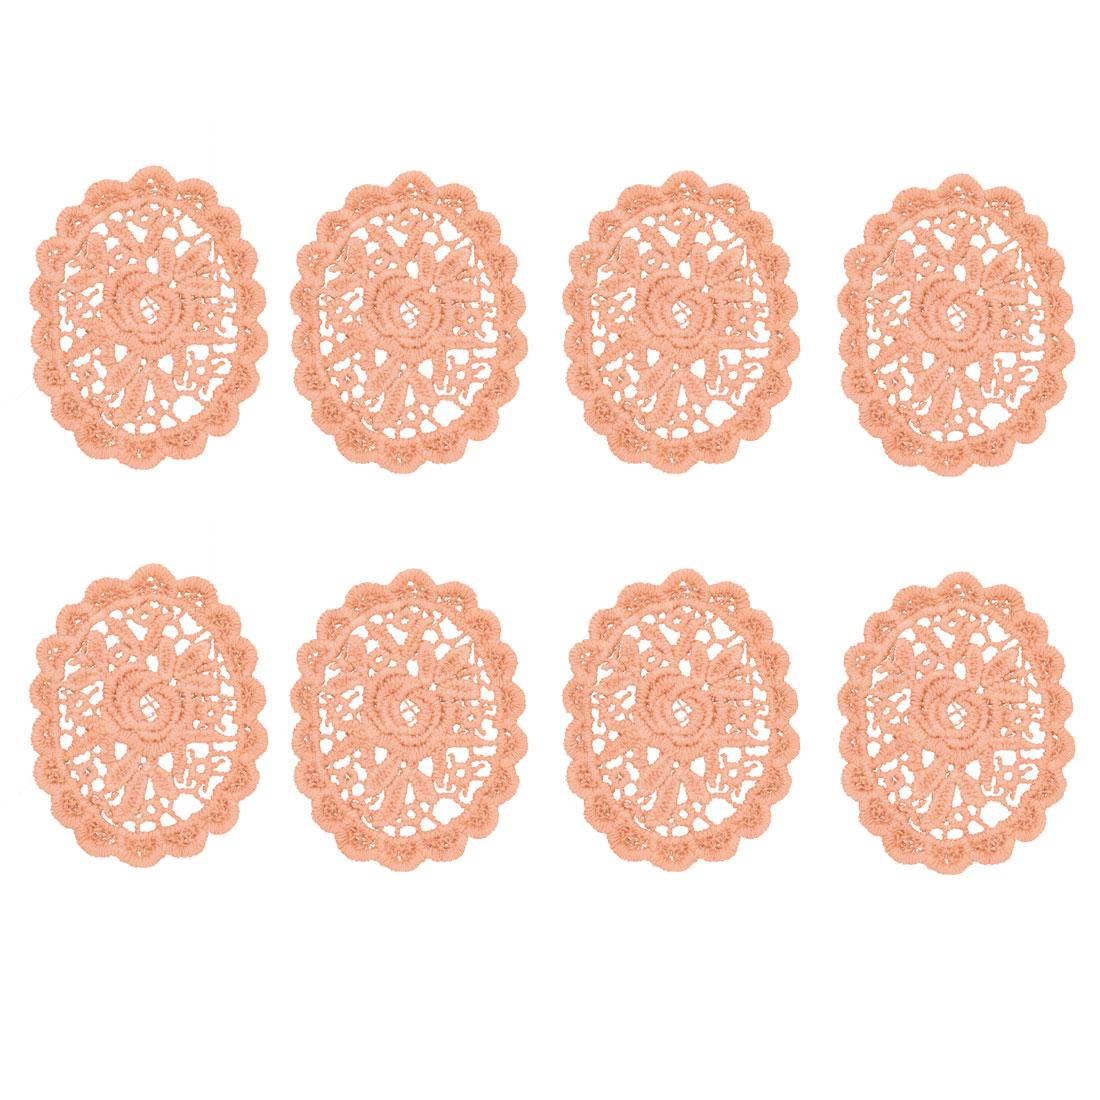 Home Cotton Blends Oval DIY Dress Sweater Lace Trim Applique Light Pink 8pcs